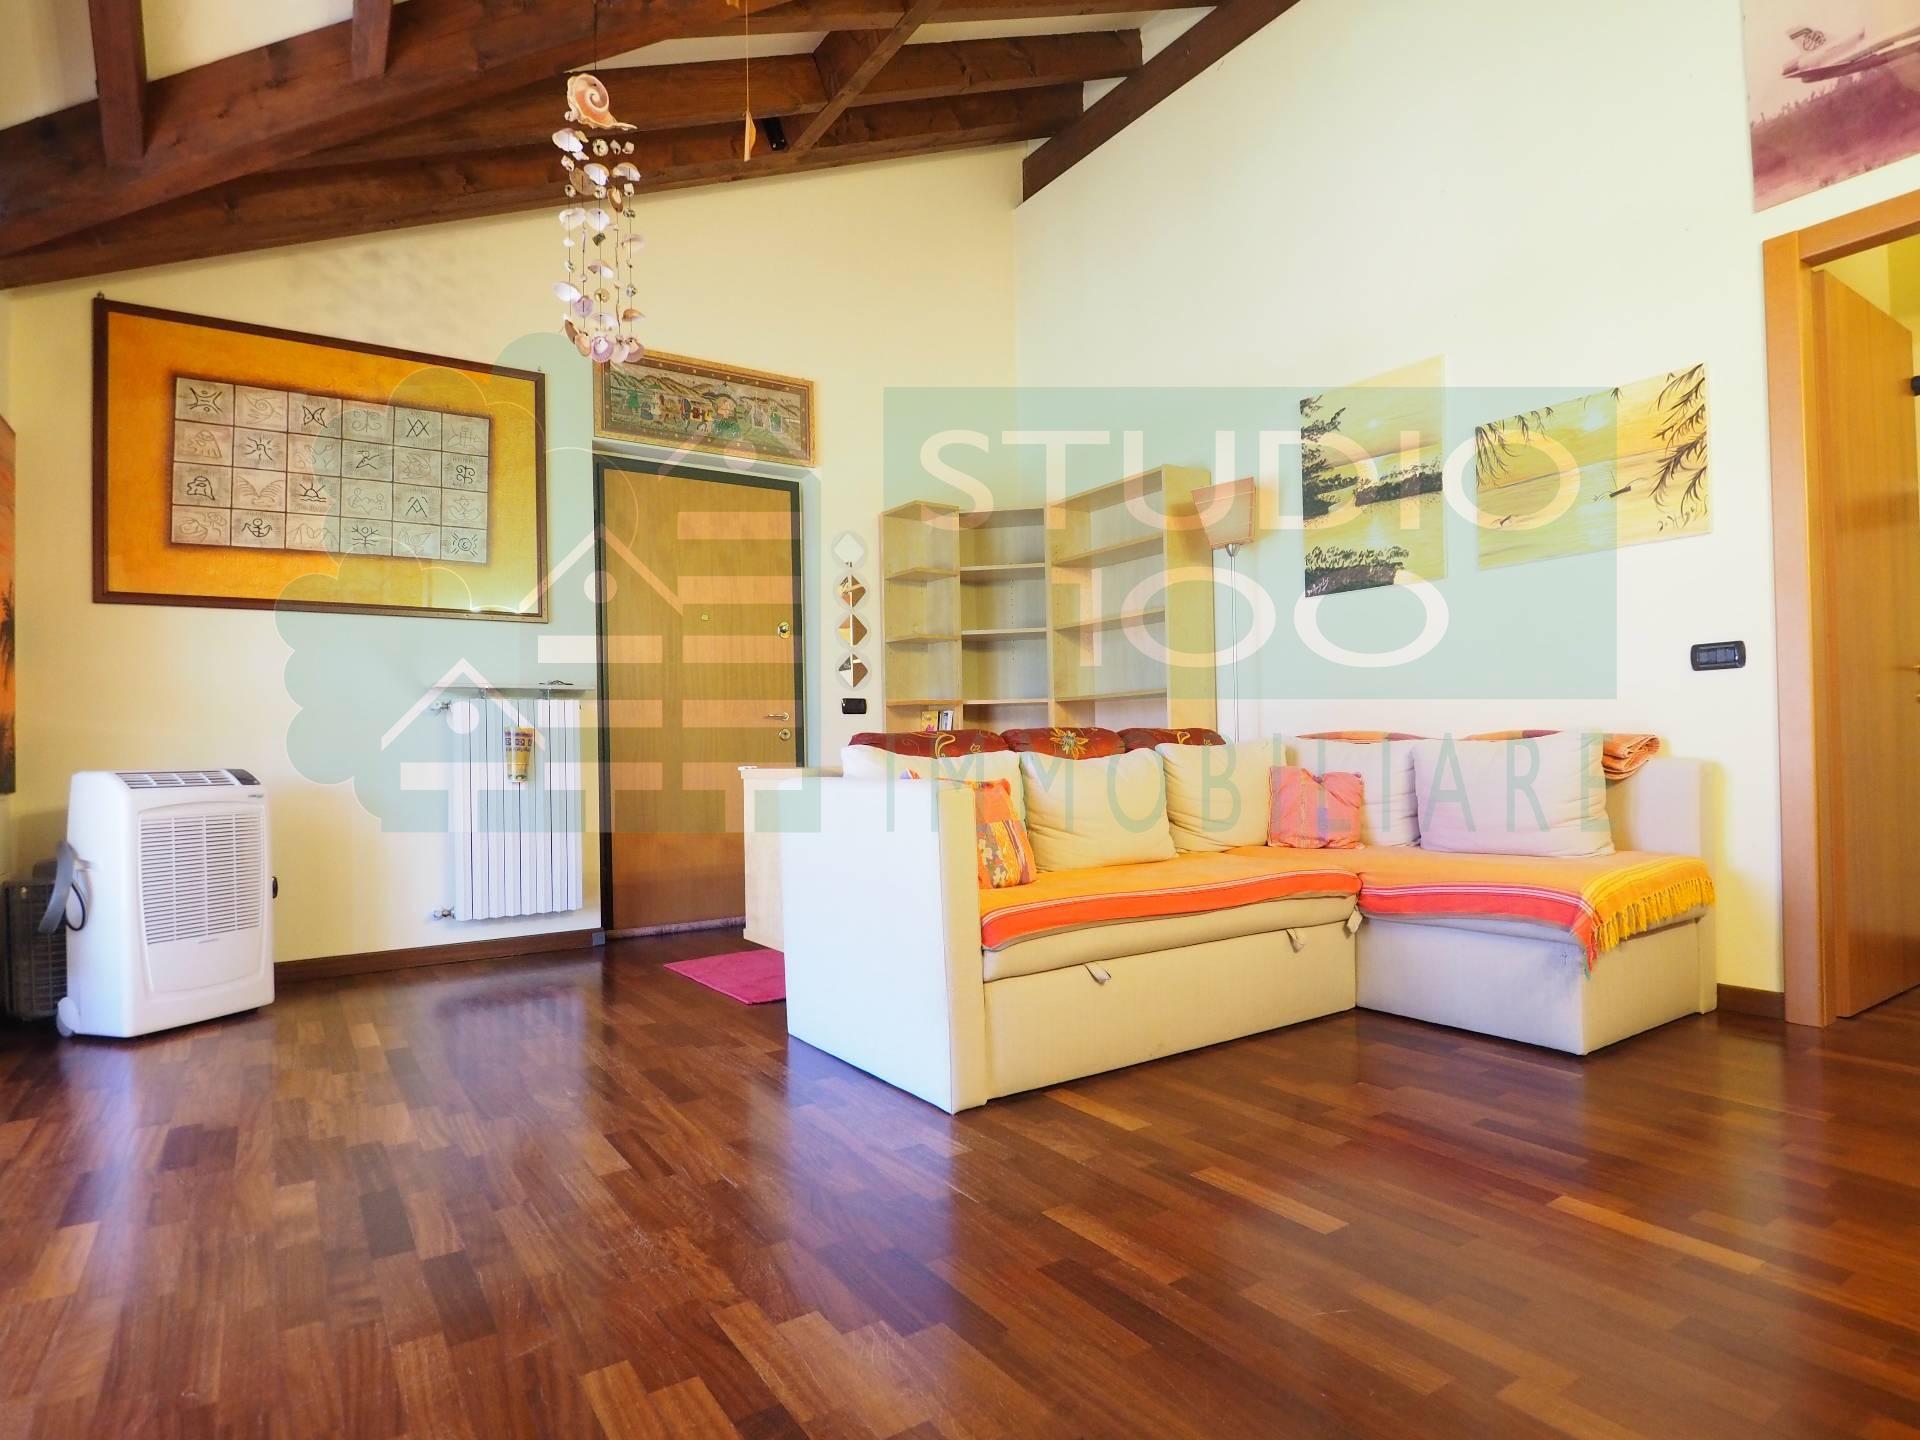 Appartamento in vendita a Casorate Sempione, 3 locali, prezzo € 134.000 | CambioCasa.it